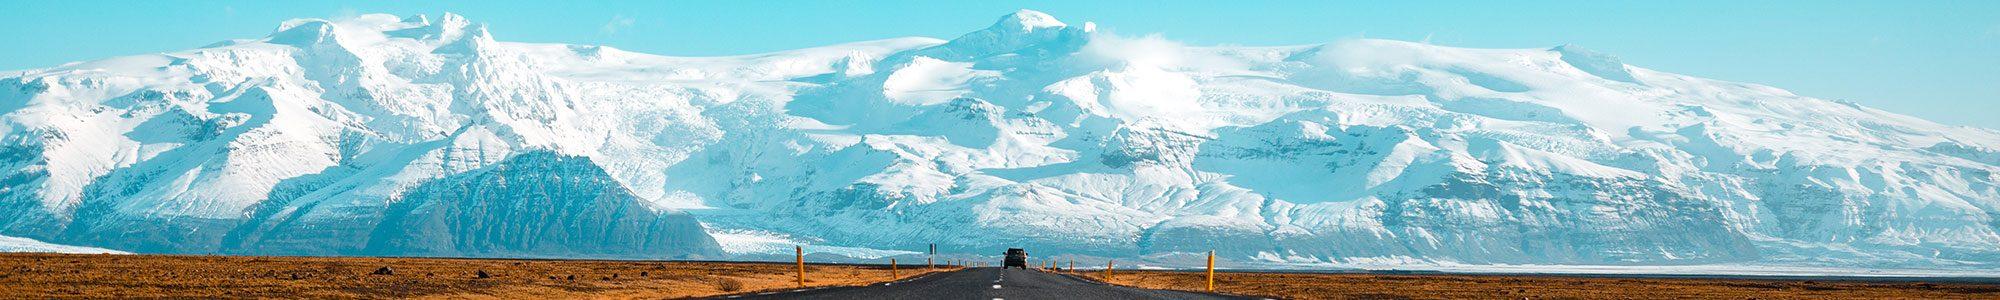 open-road